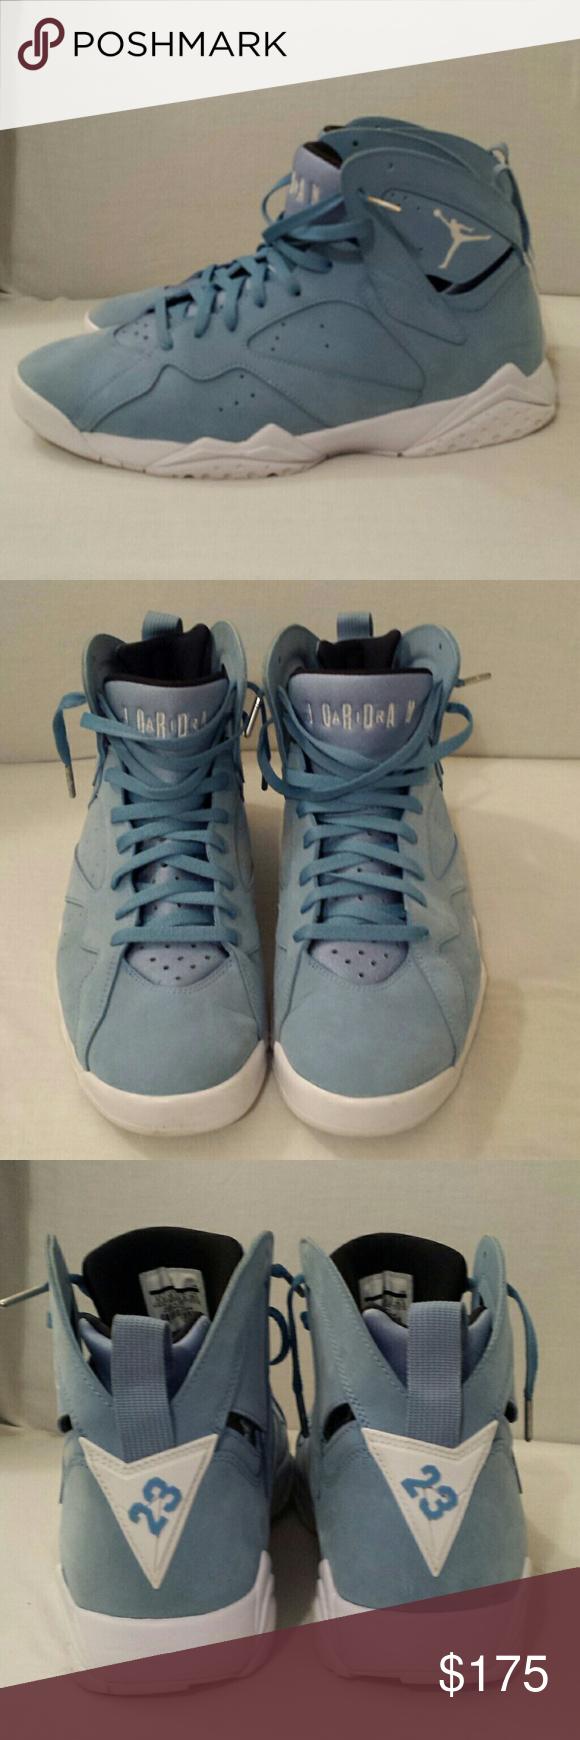 Air Jordans 7 Retro Pantones Size 11.5 Authentic Used In